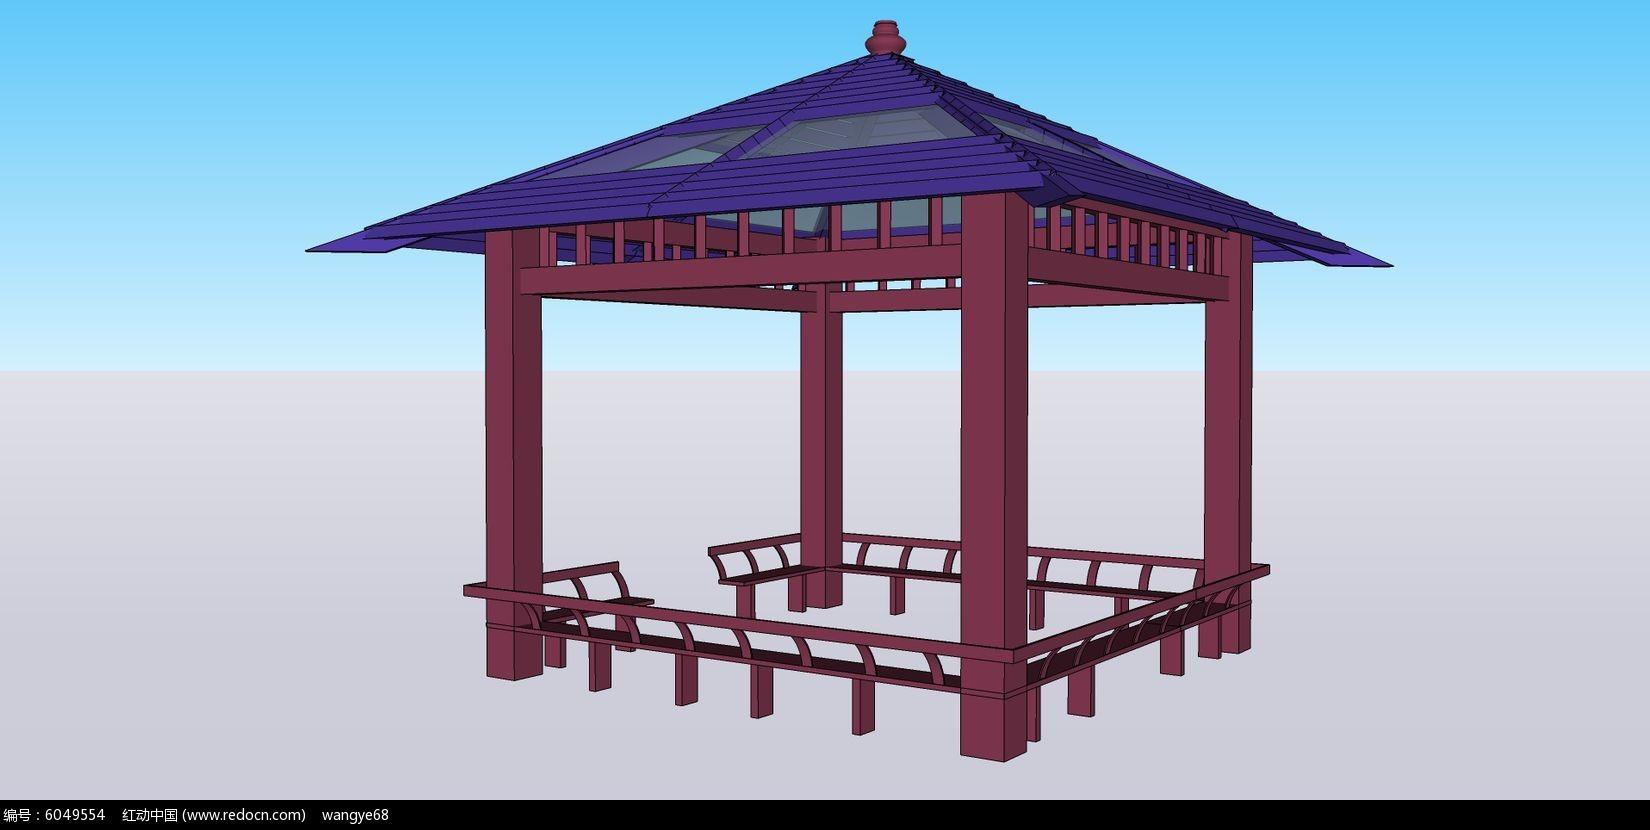 中式古建亭子su模型skp素材下载